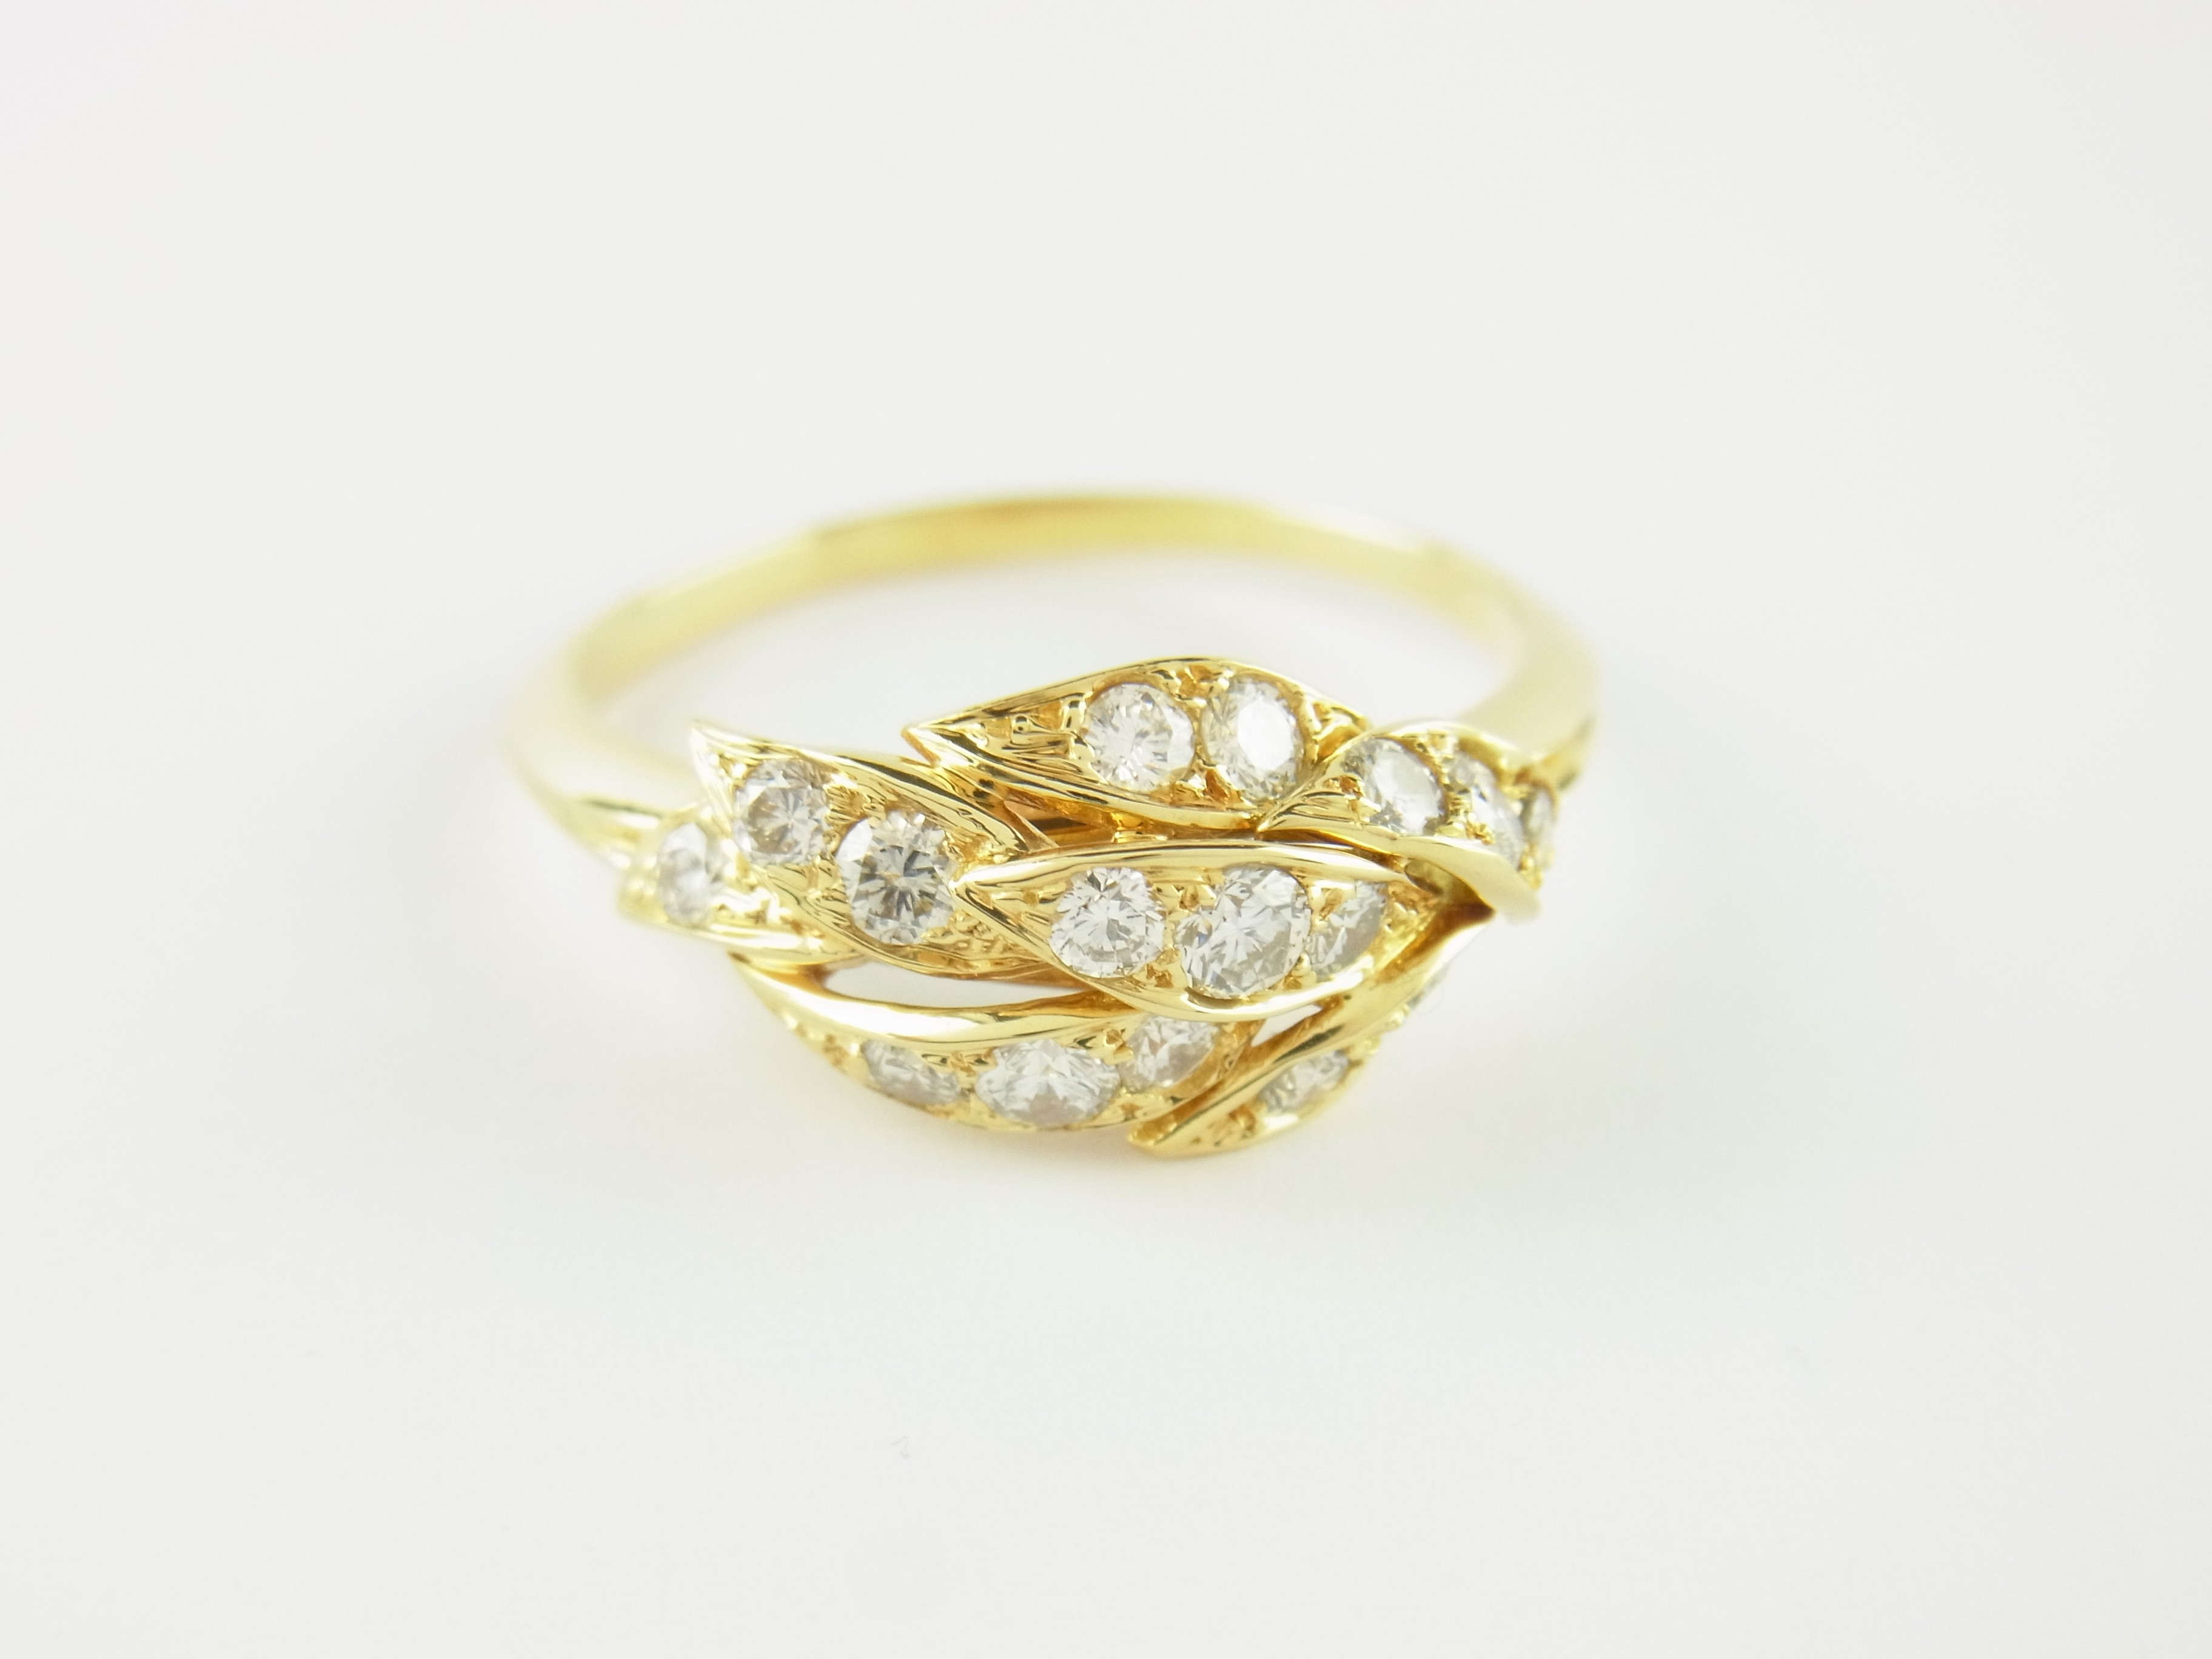 piaget ring 750er gelbgold 16 diamanten gr 59 piaget. Black Bedroom Furniture Sets. Home Design Ideas